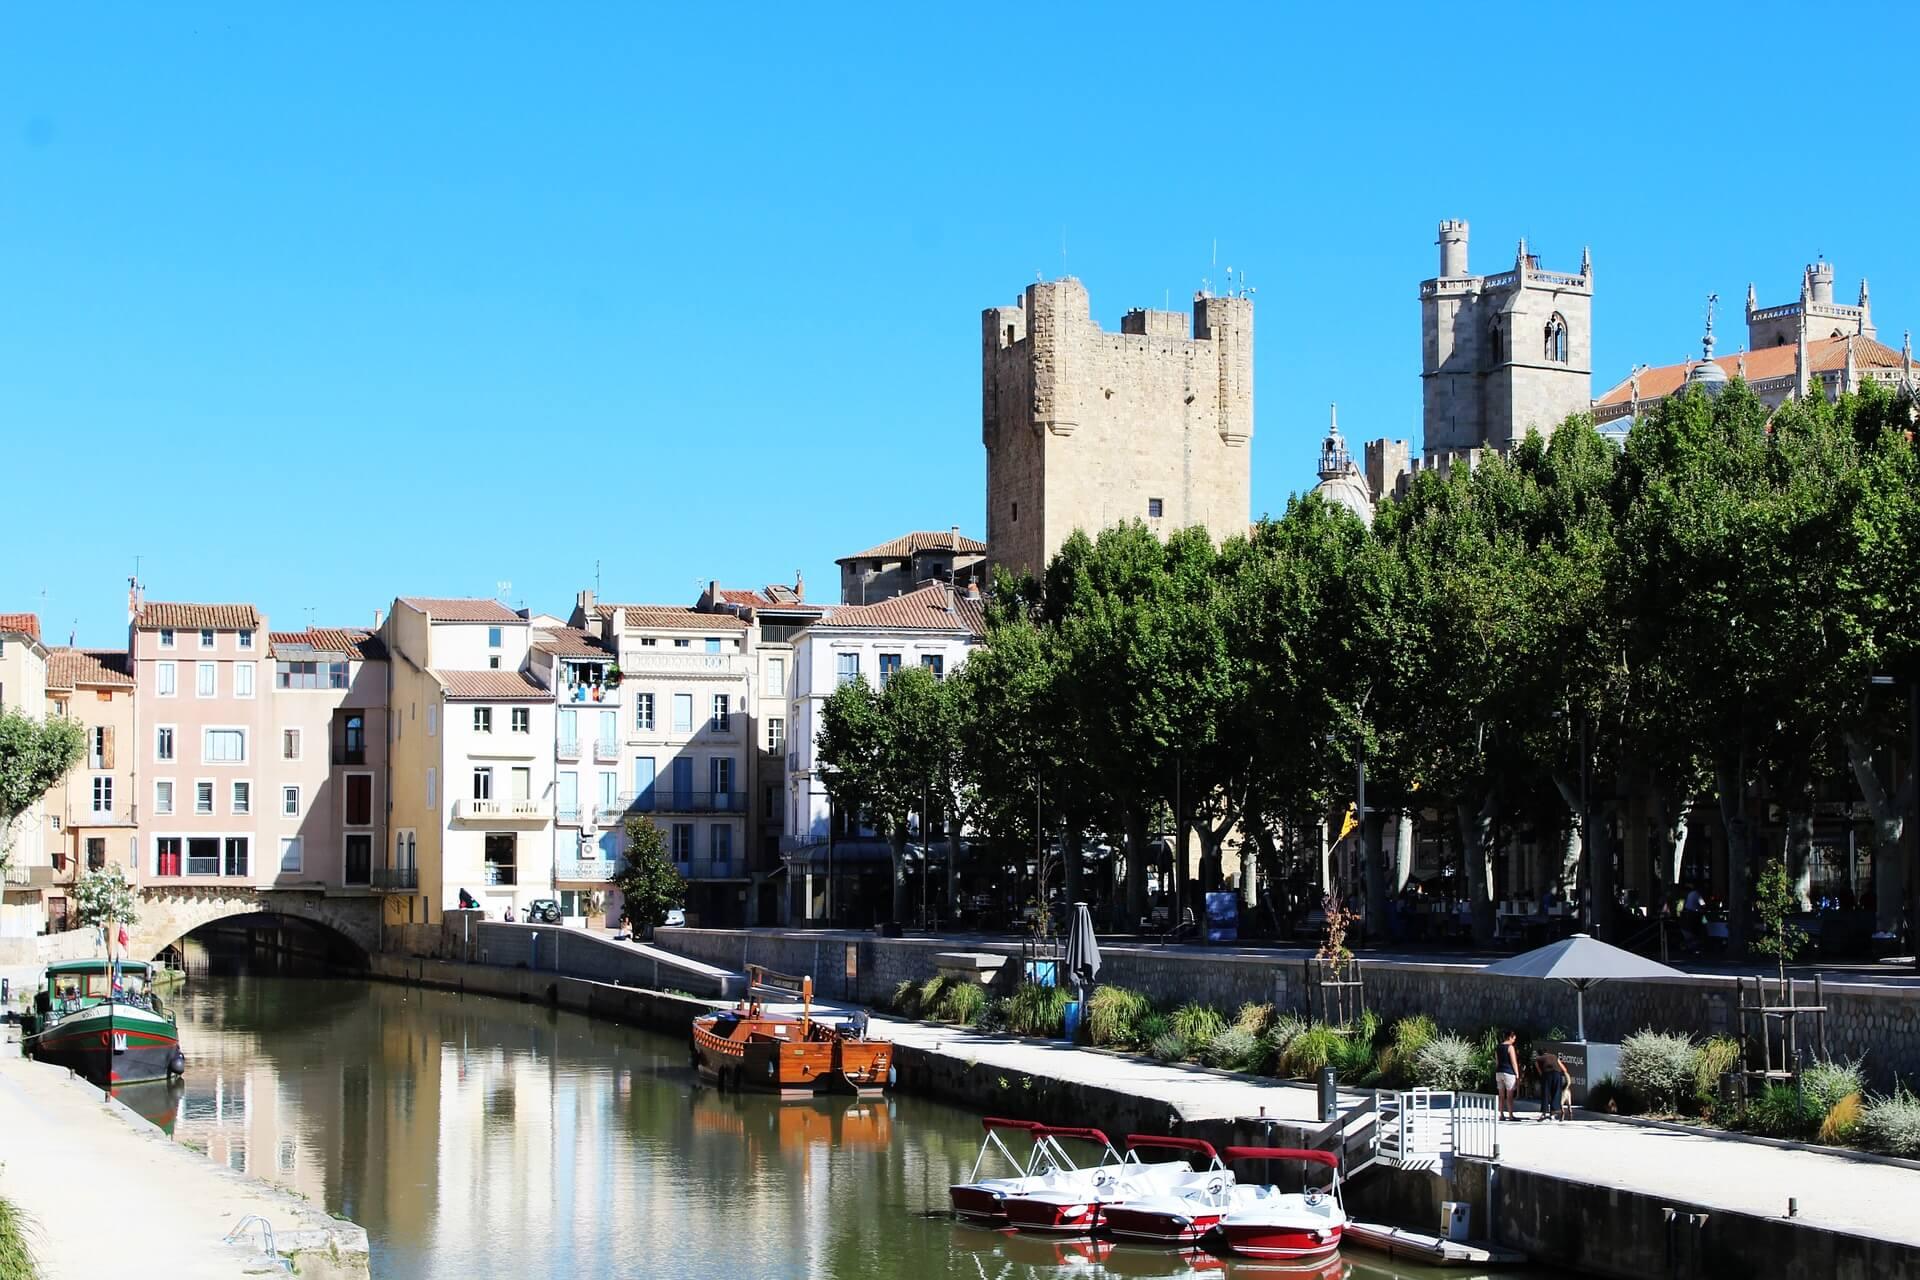 Narbonne ville médiévale